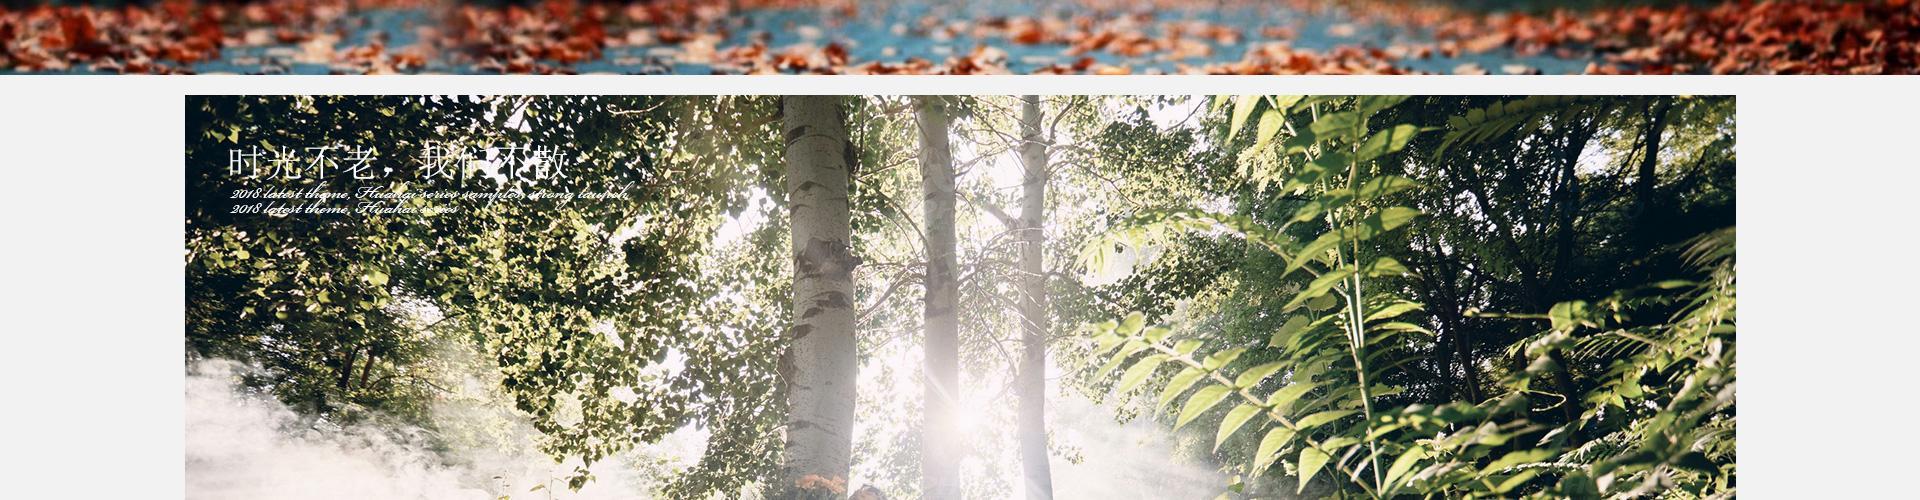 《时光森林》